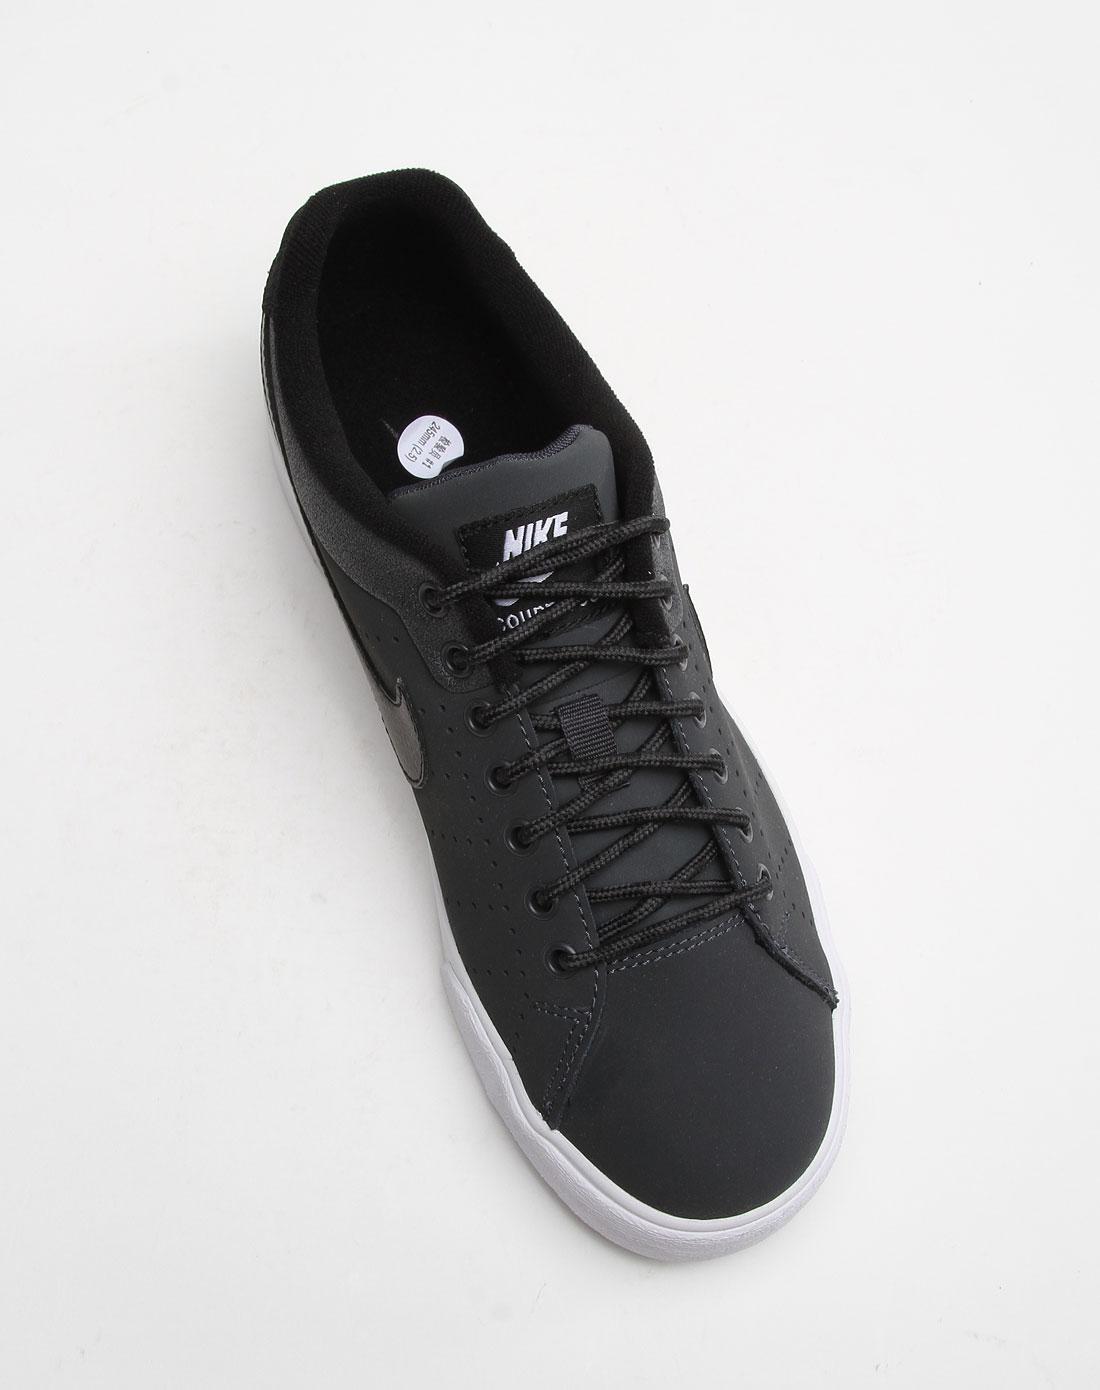 耐克nike-男款灰黑色冲孔休闲板鞋536854-011